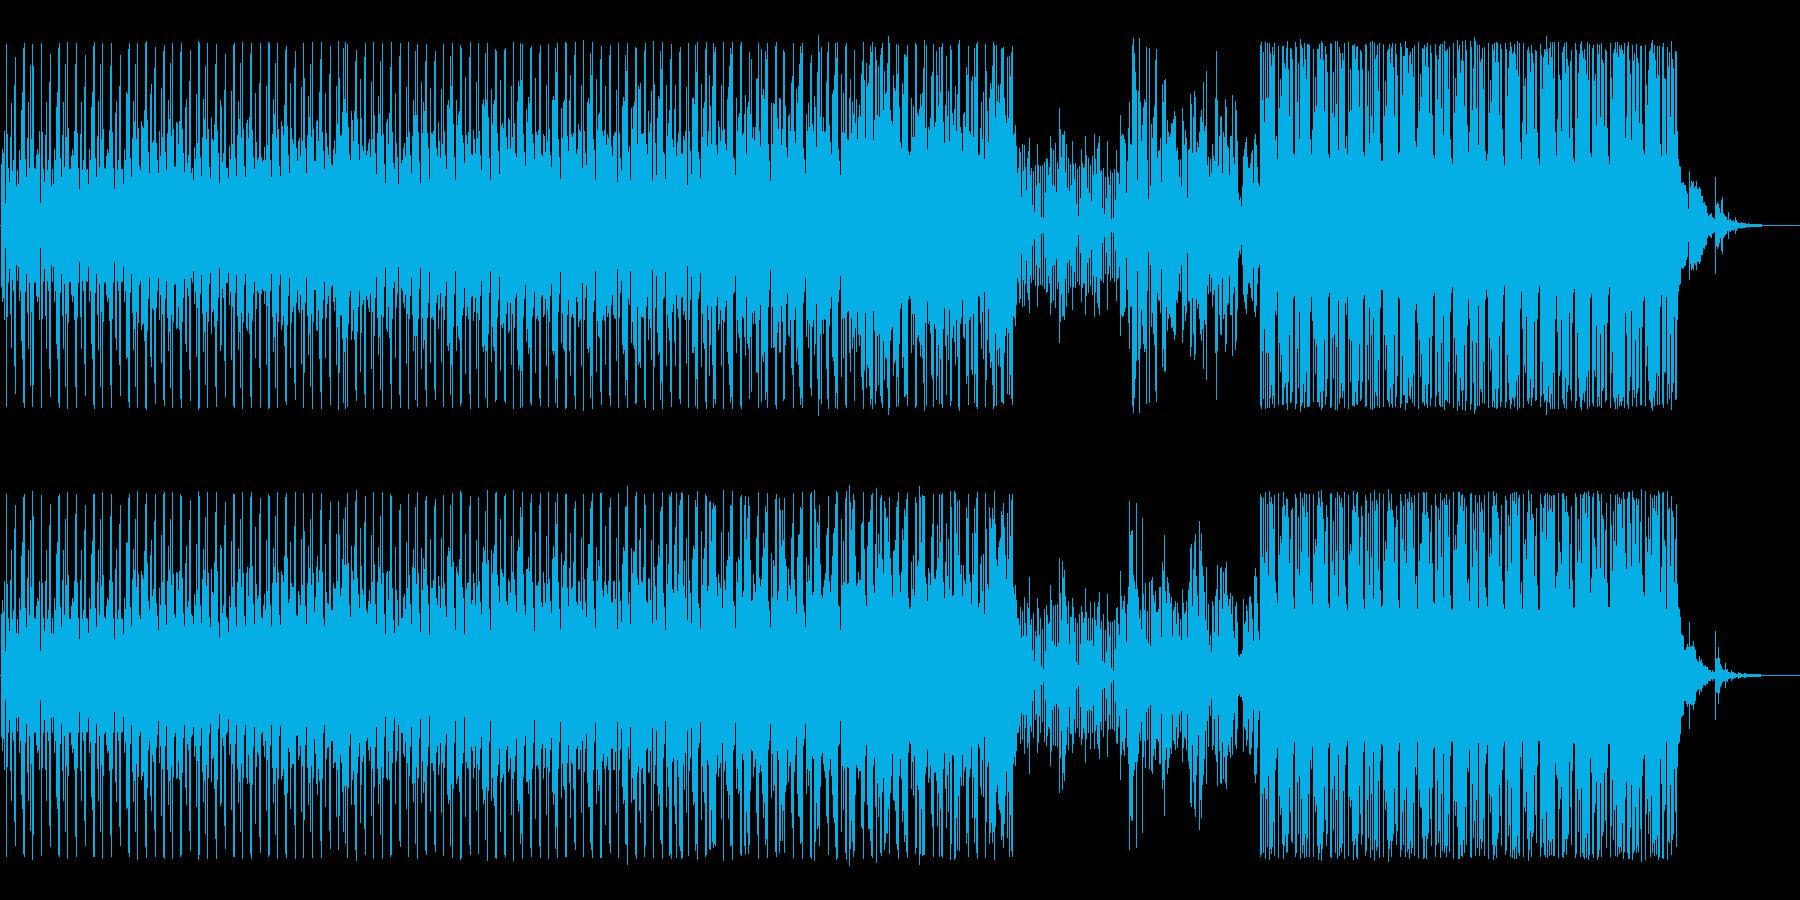 焦りを催す不気味で不穏なエレクトロニカの再生済みの波形